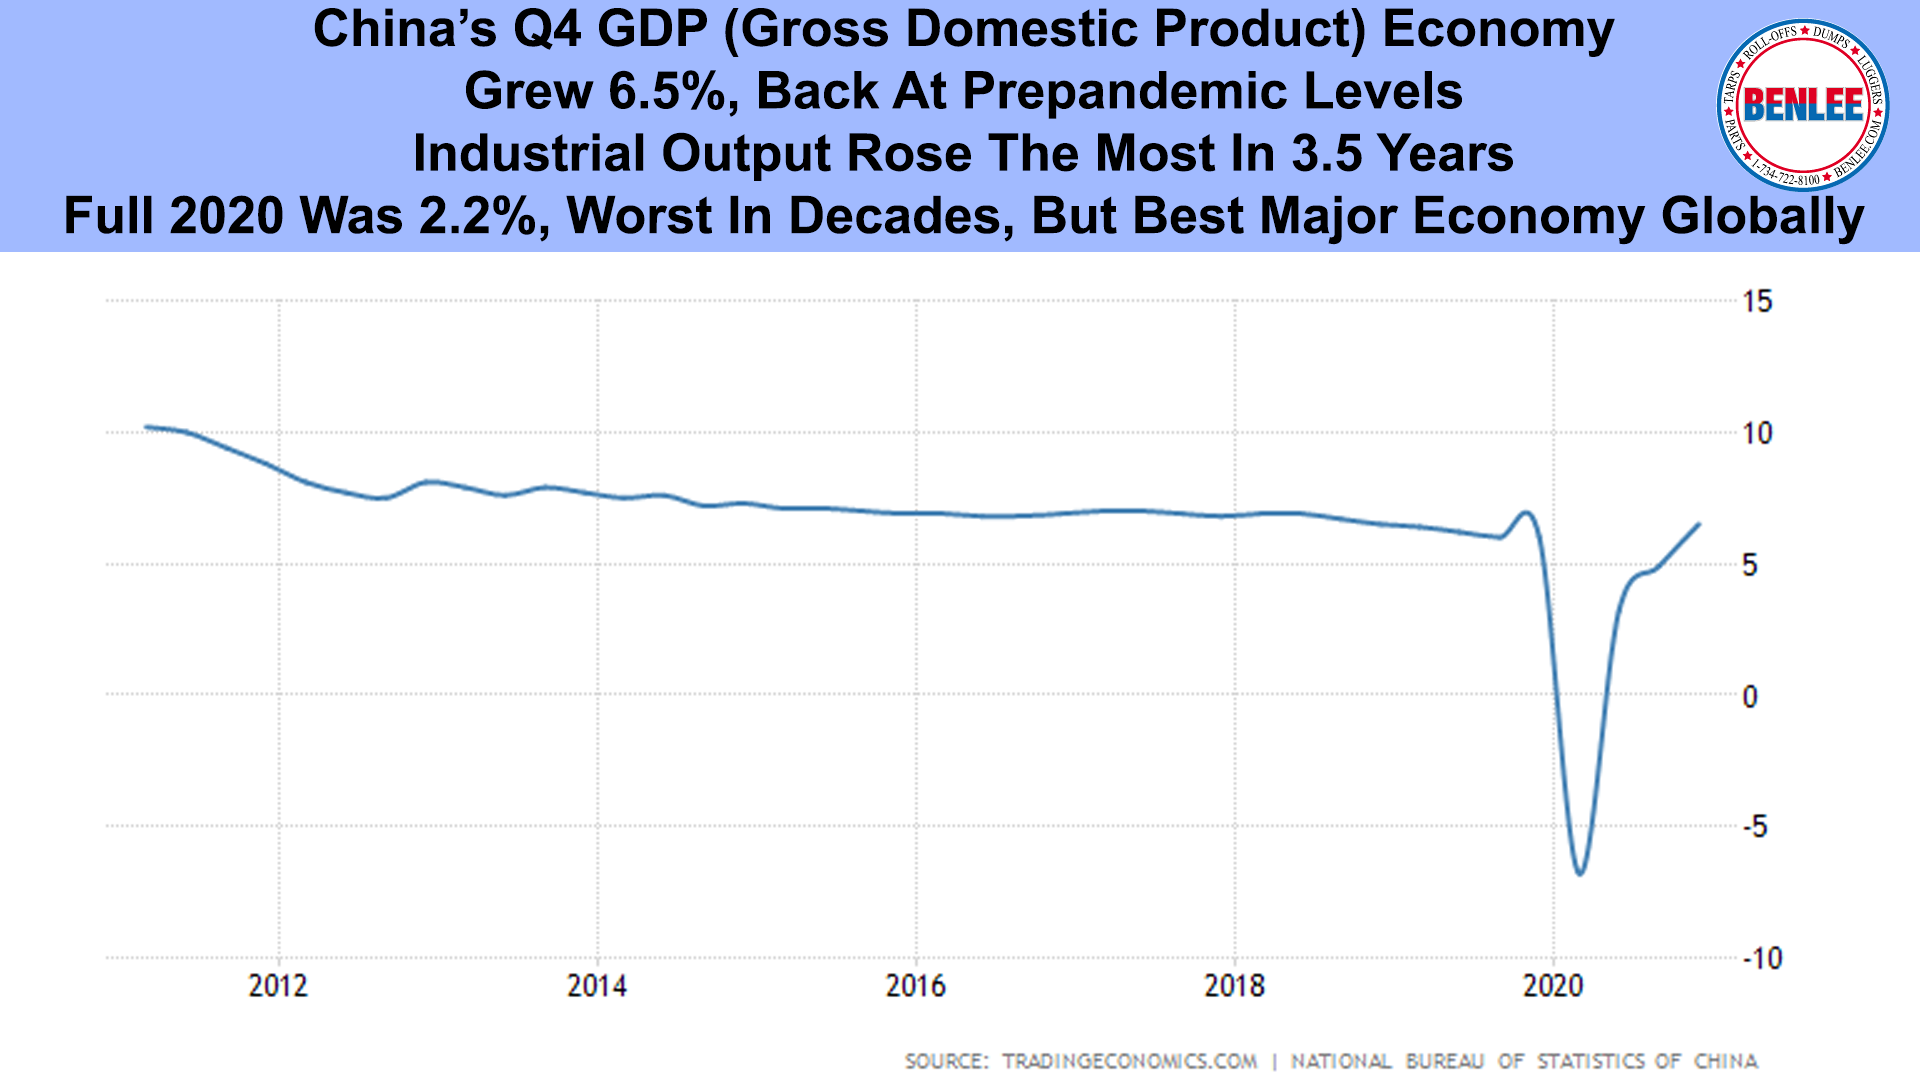 China's Q4 GDP